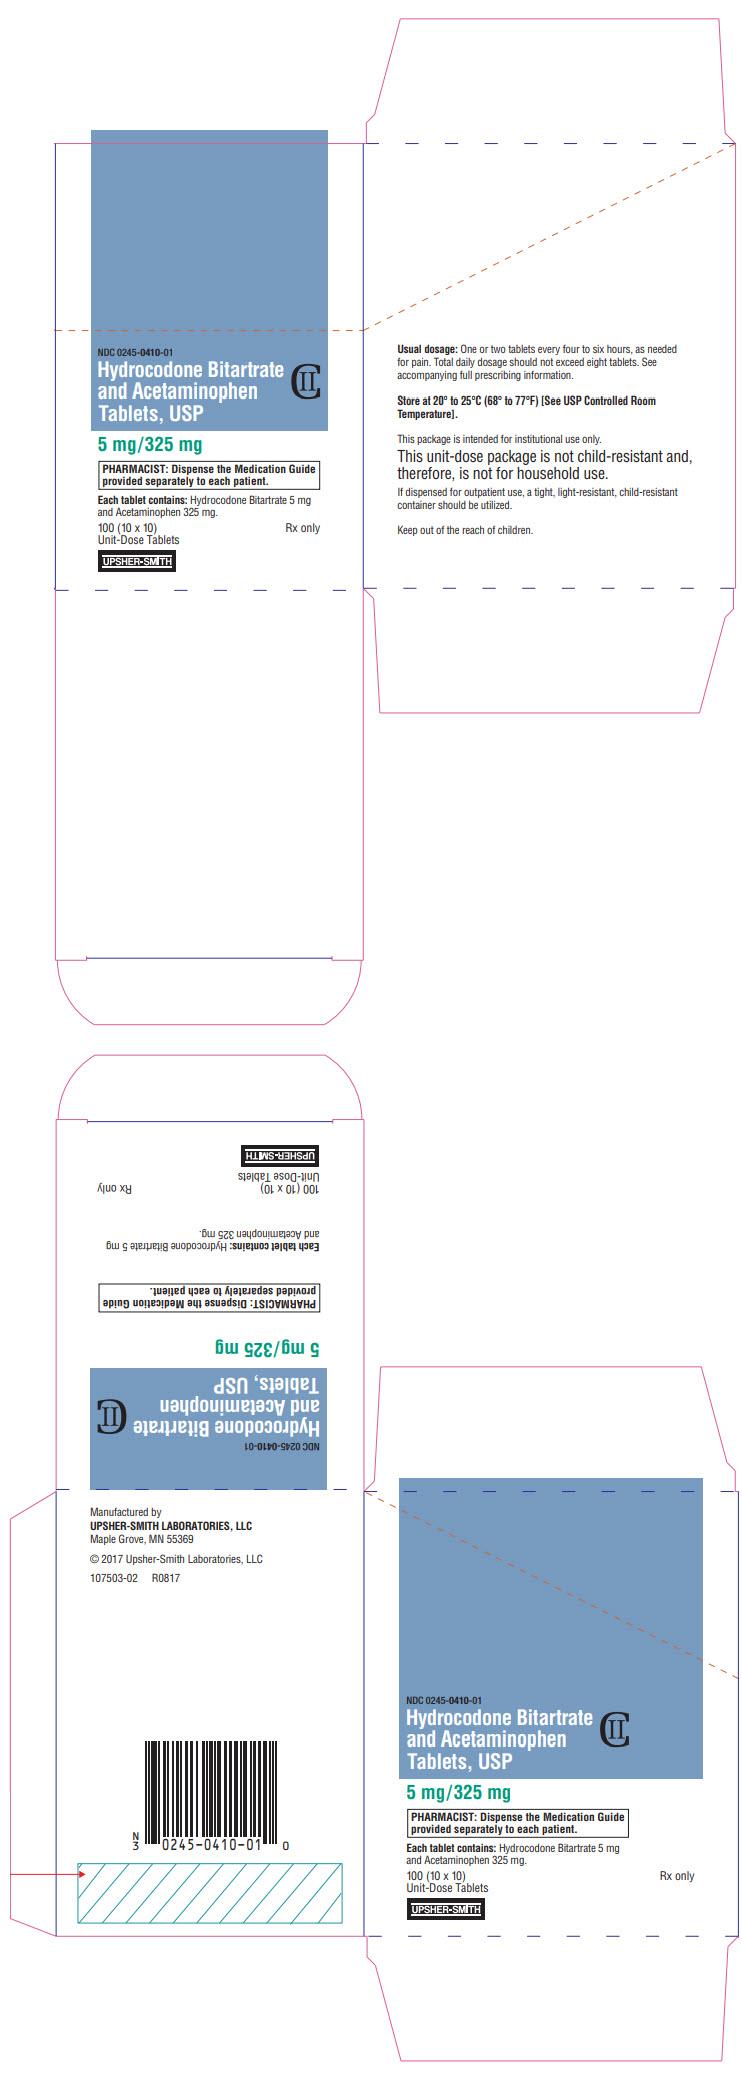 PRINCIPAL DISPLAY PANEL - 5 mg/325 mg Tablet Blister Pack Carton